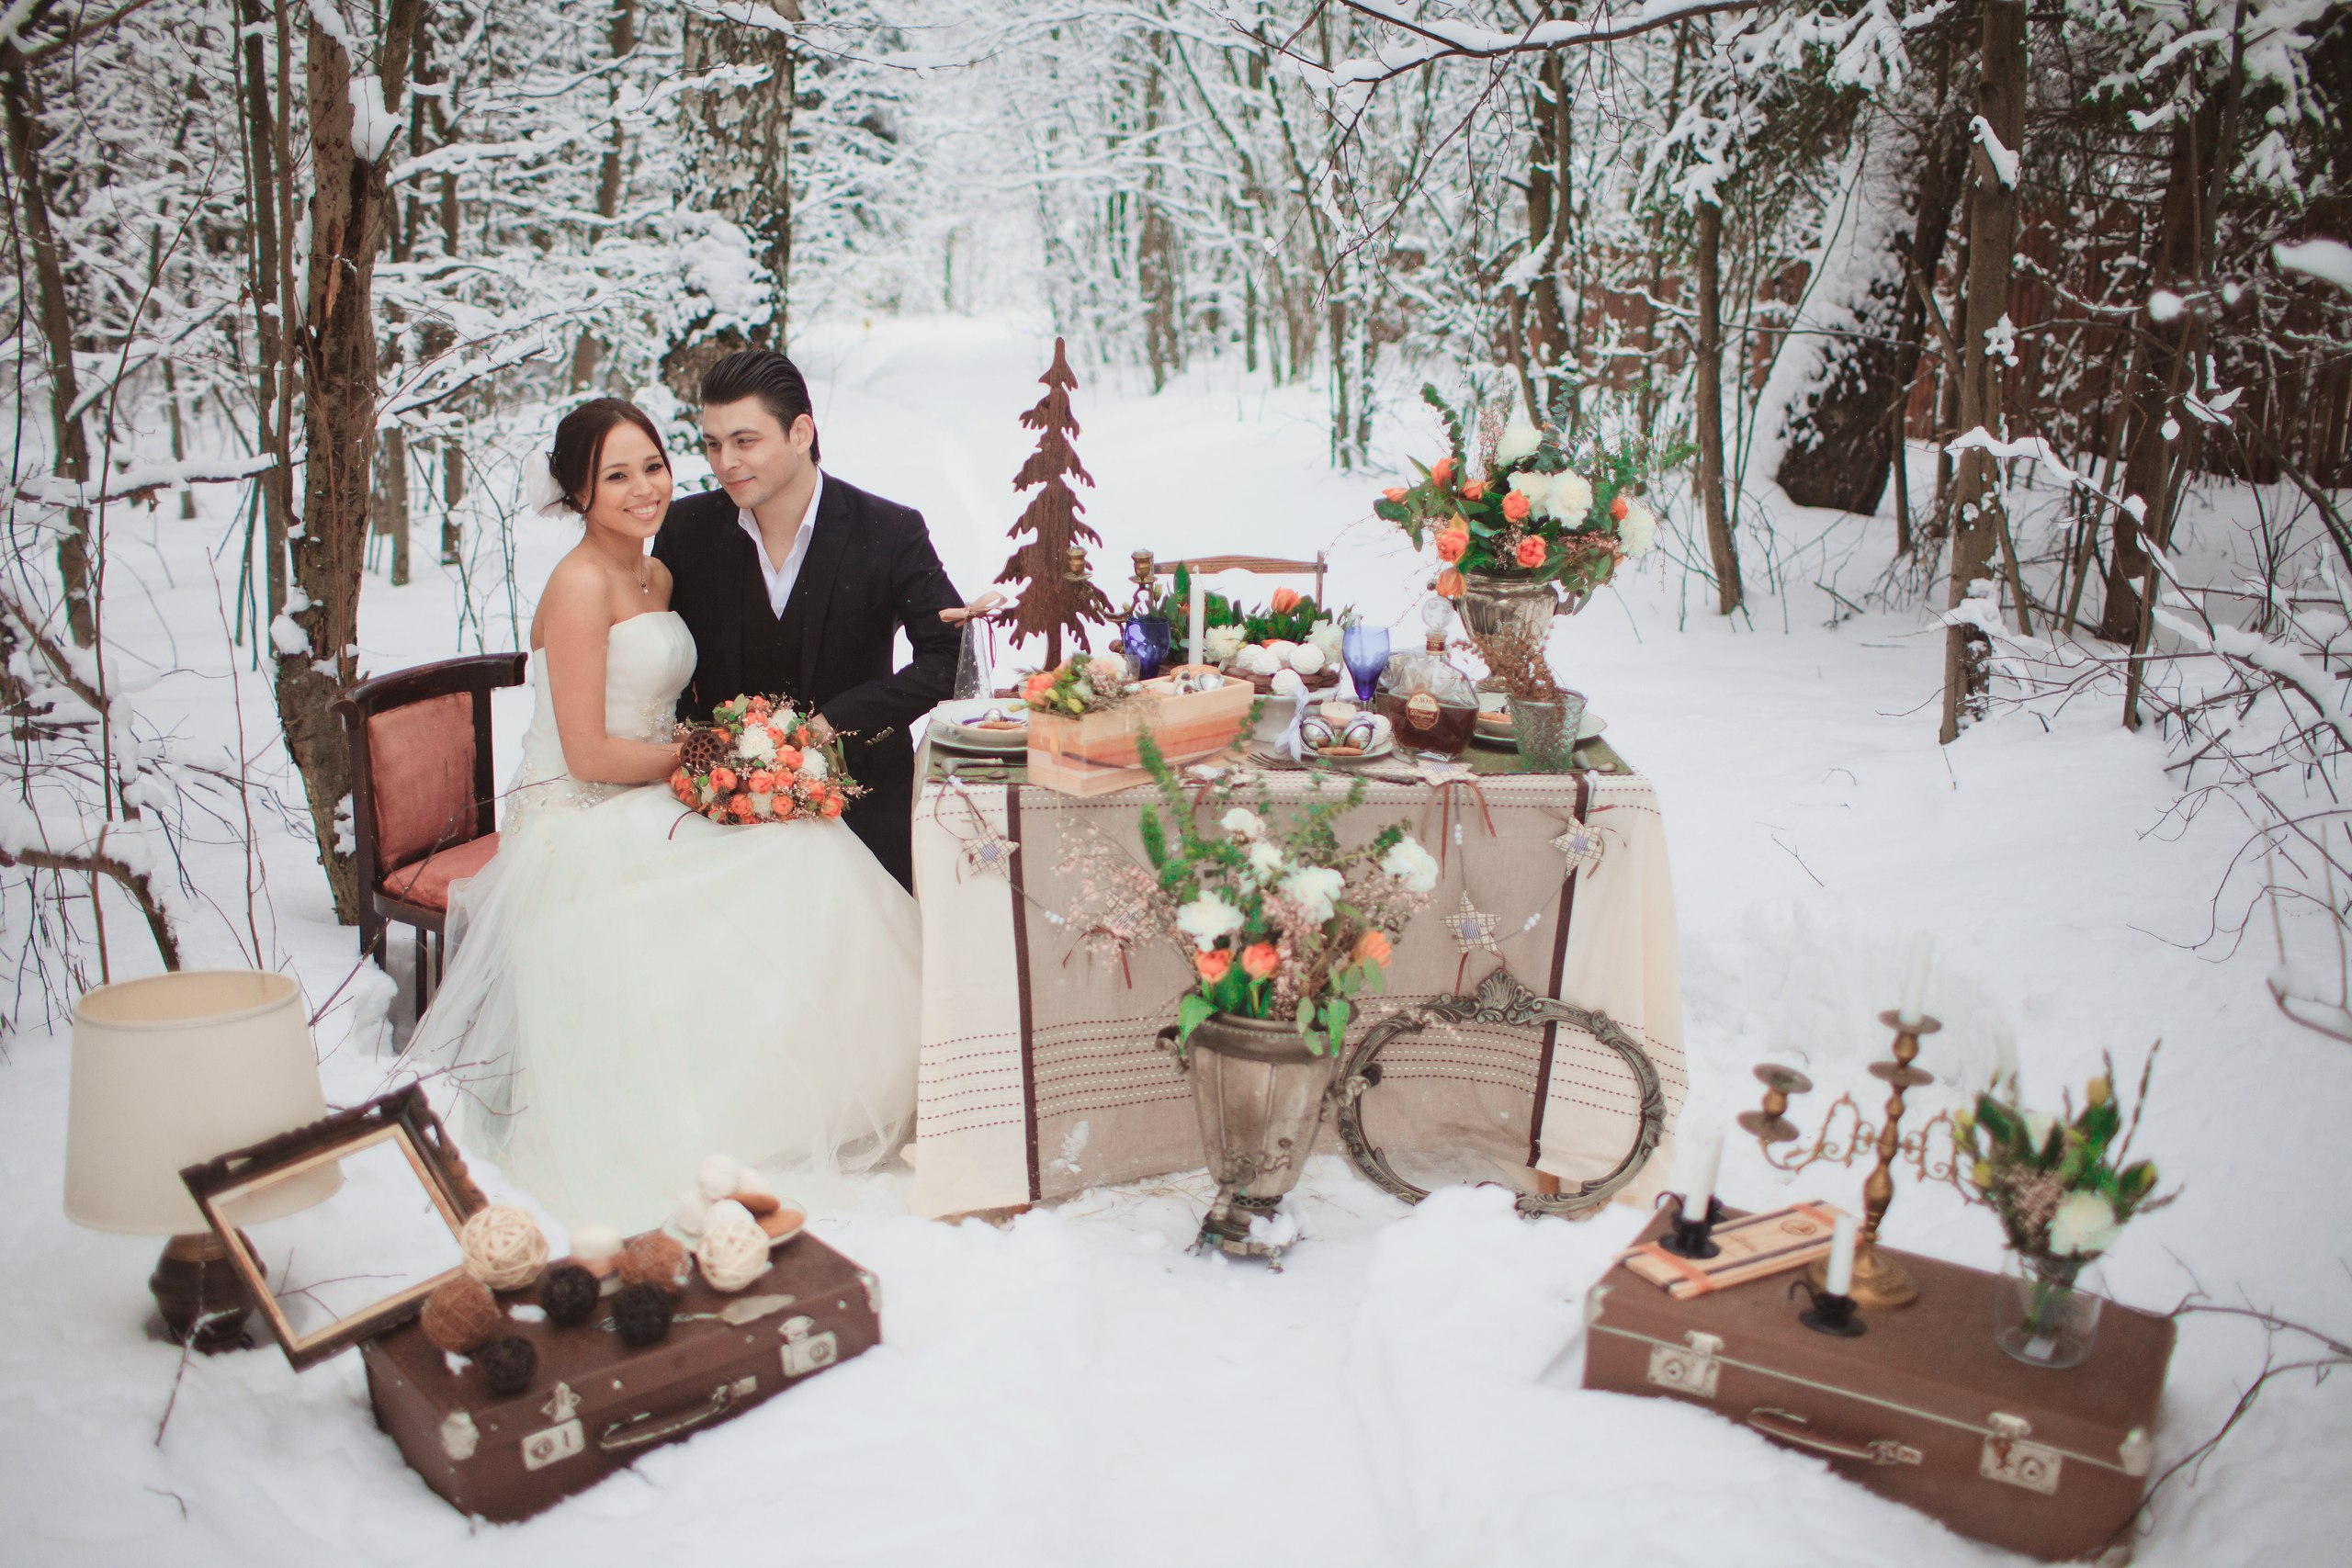 Поздравление на свадьбу от мамы невесты, жениха